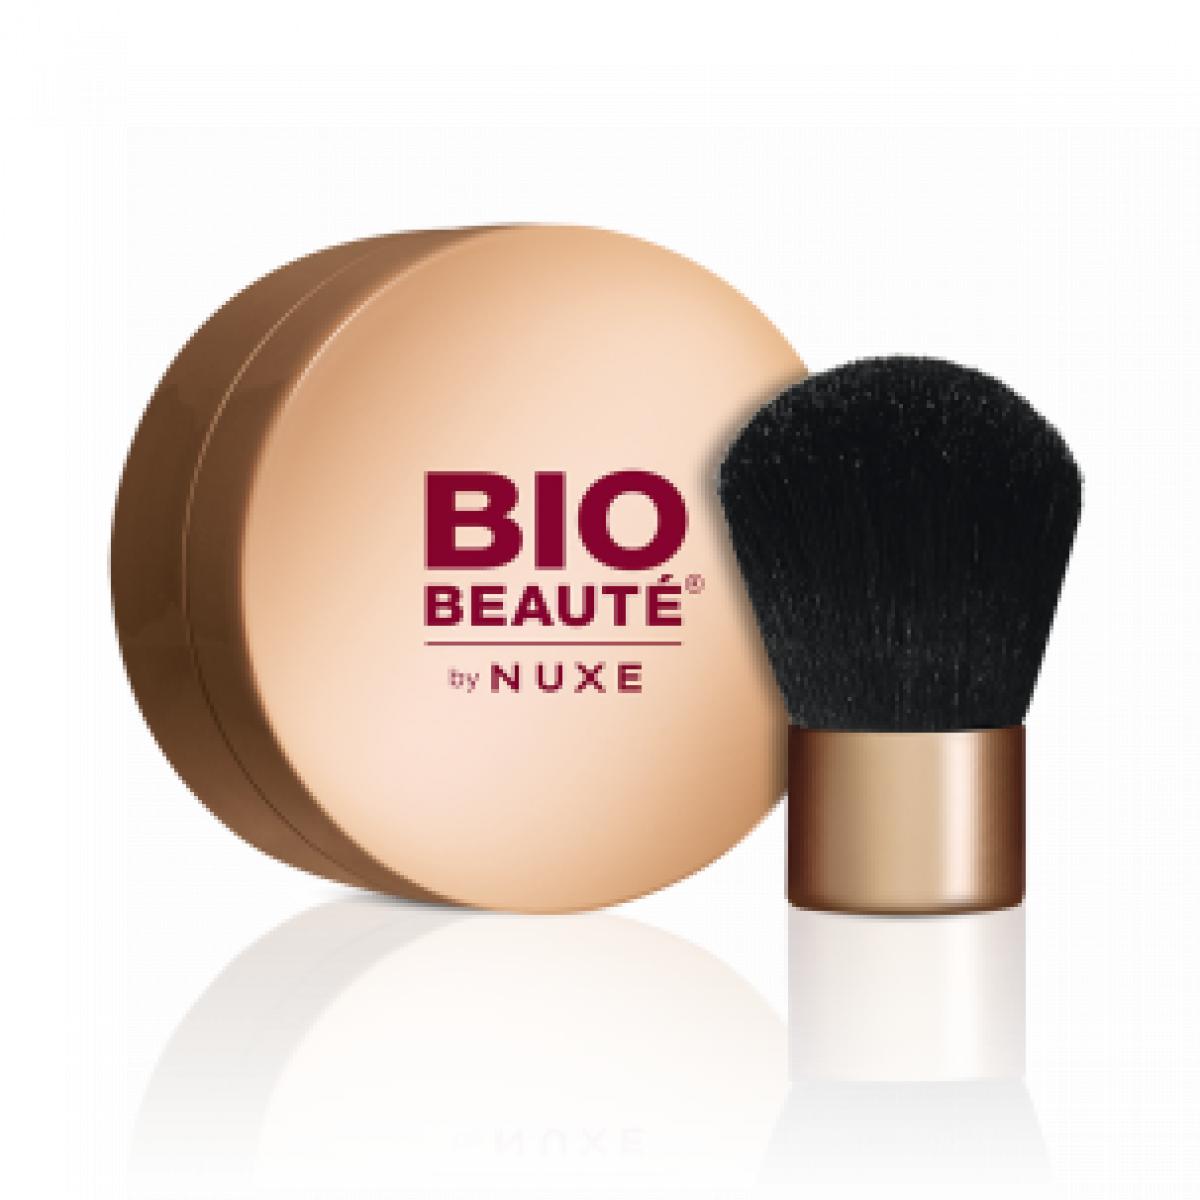 bio beaute by nuxe fond de teint poudre min rale vanille claire 4g parapharmacie pharmarket